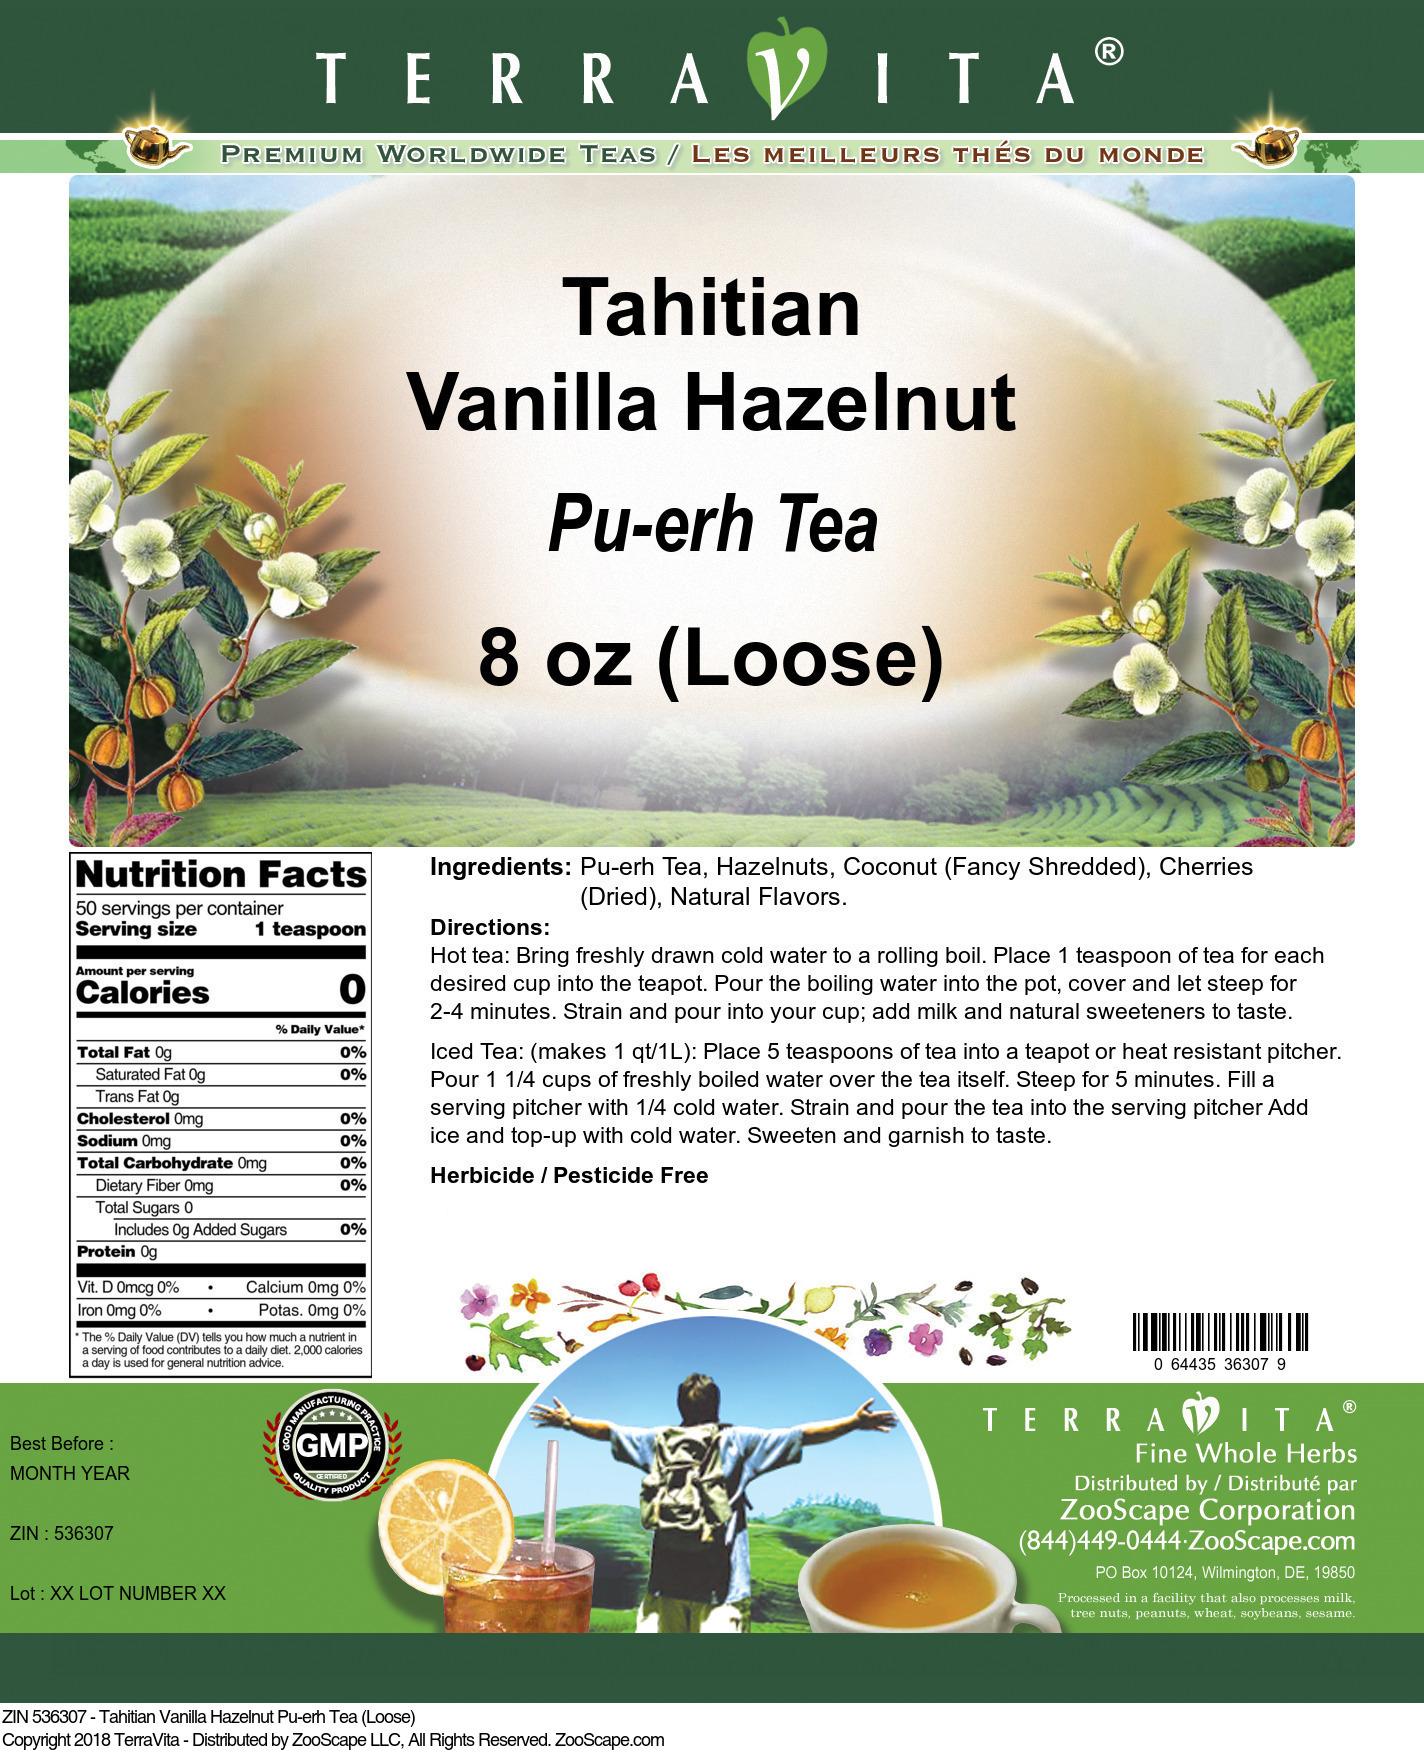 Tahitian Vanilla Hazelnut Pu-erh Tea